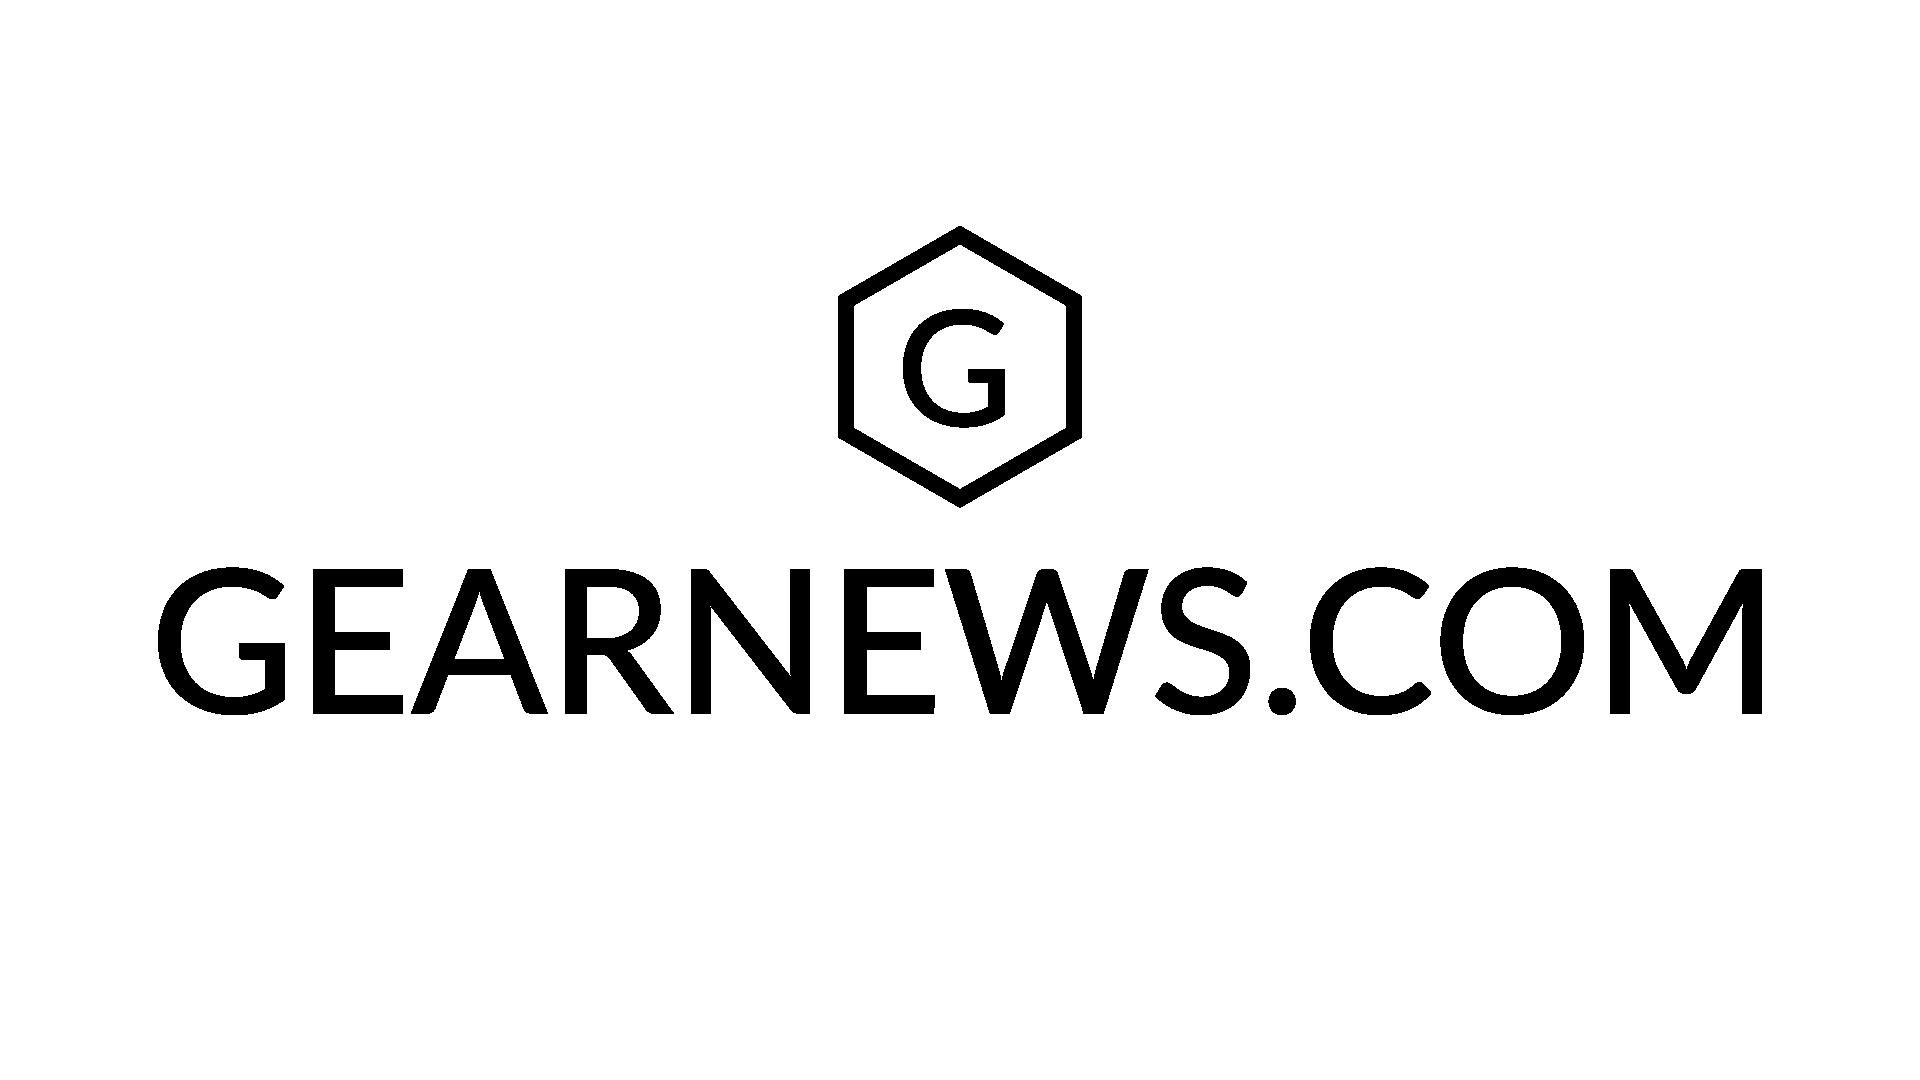 Gearnews.com Logo